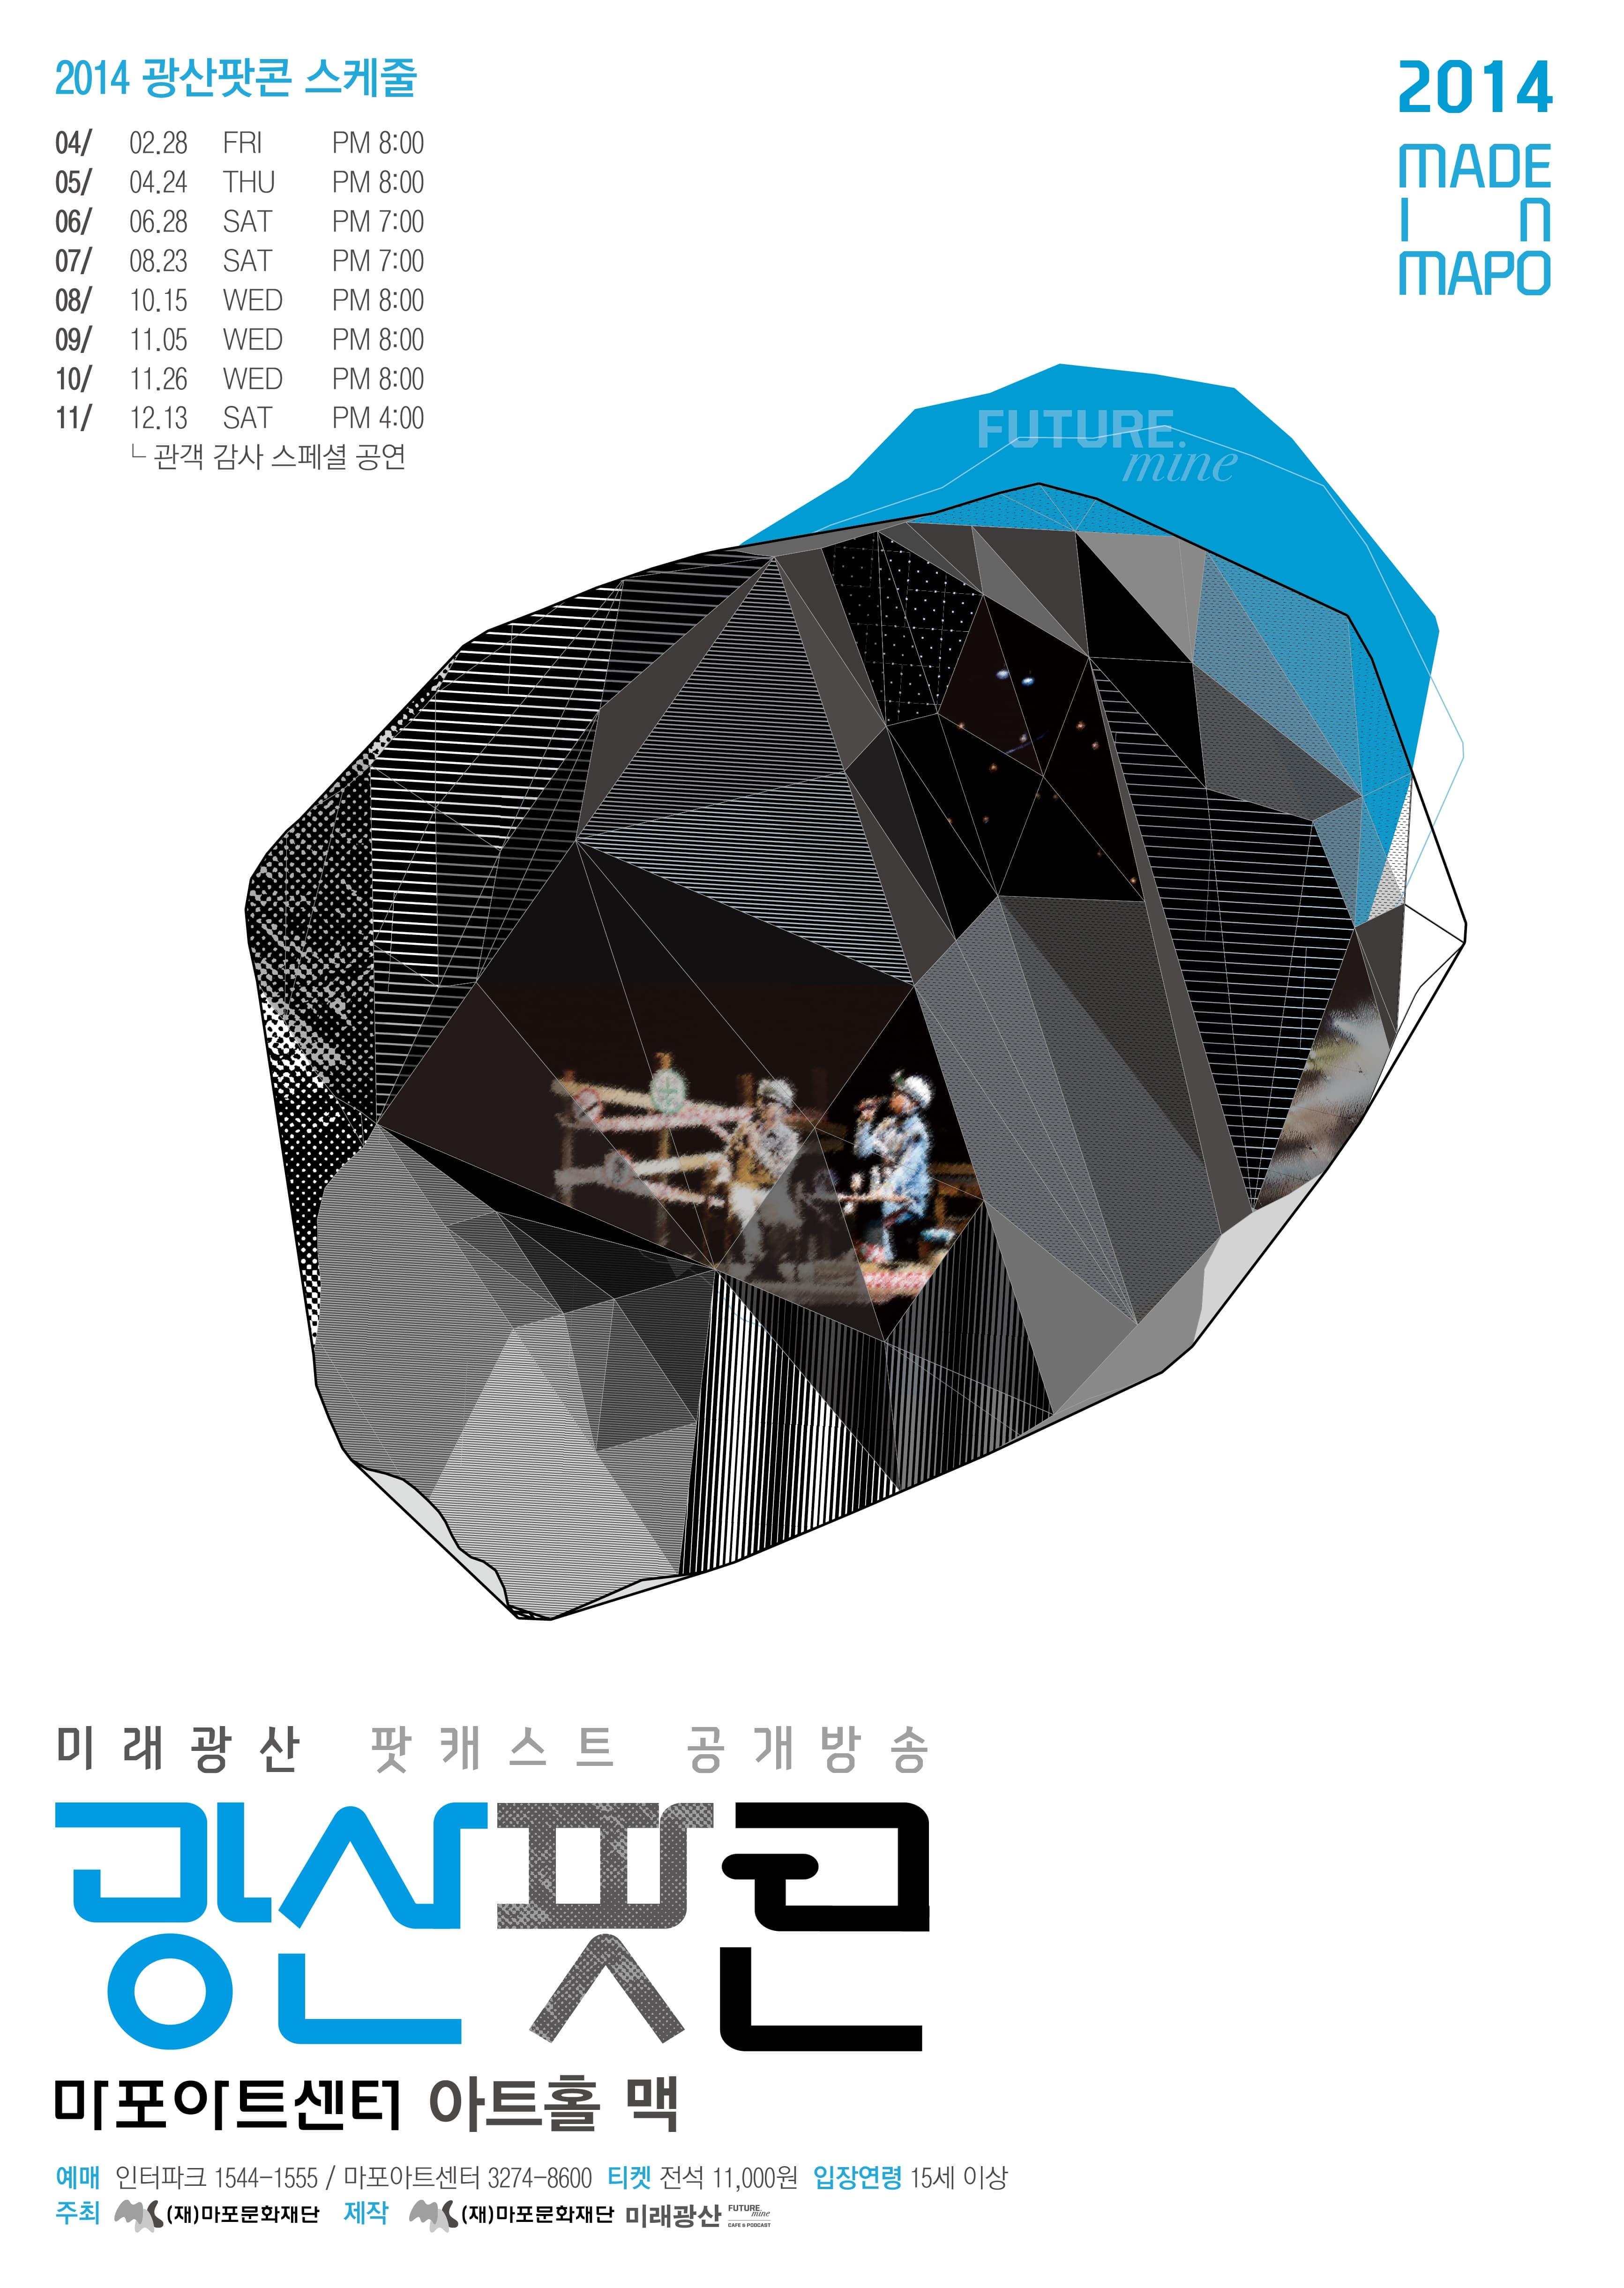 [방방곡곡] Made in Mapo 2014 광산팟콘